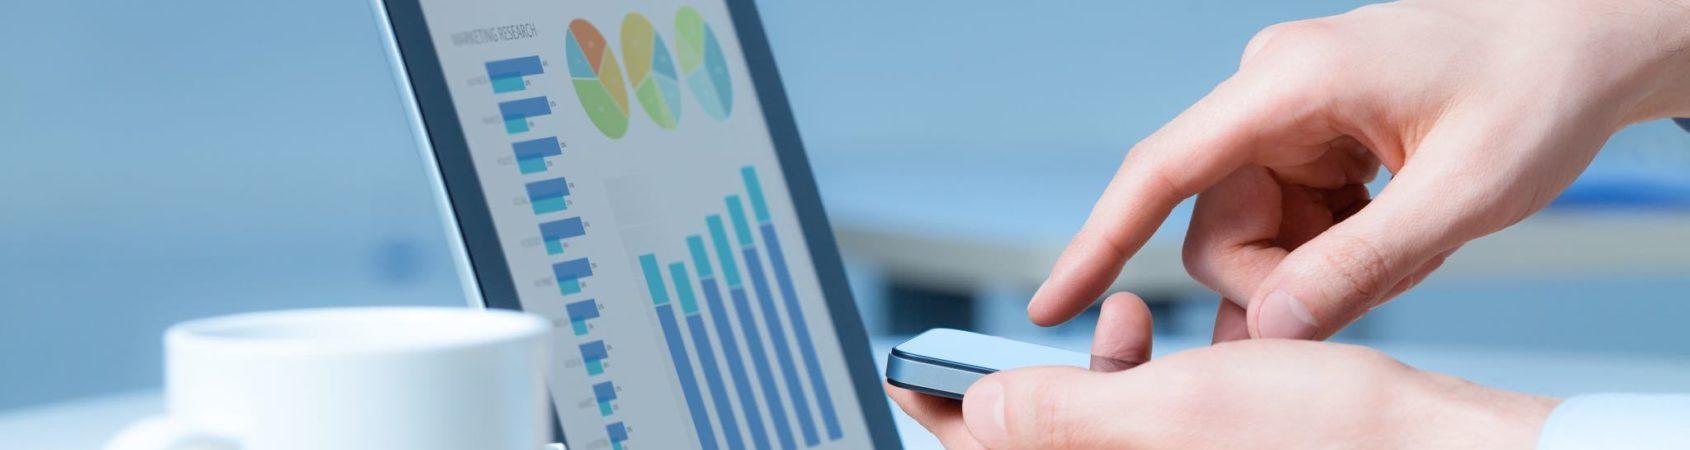 Web Analytique : pour aller au-delà des chiffres